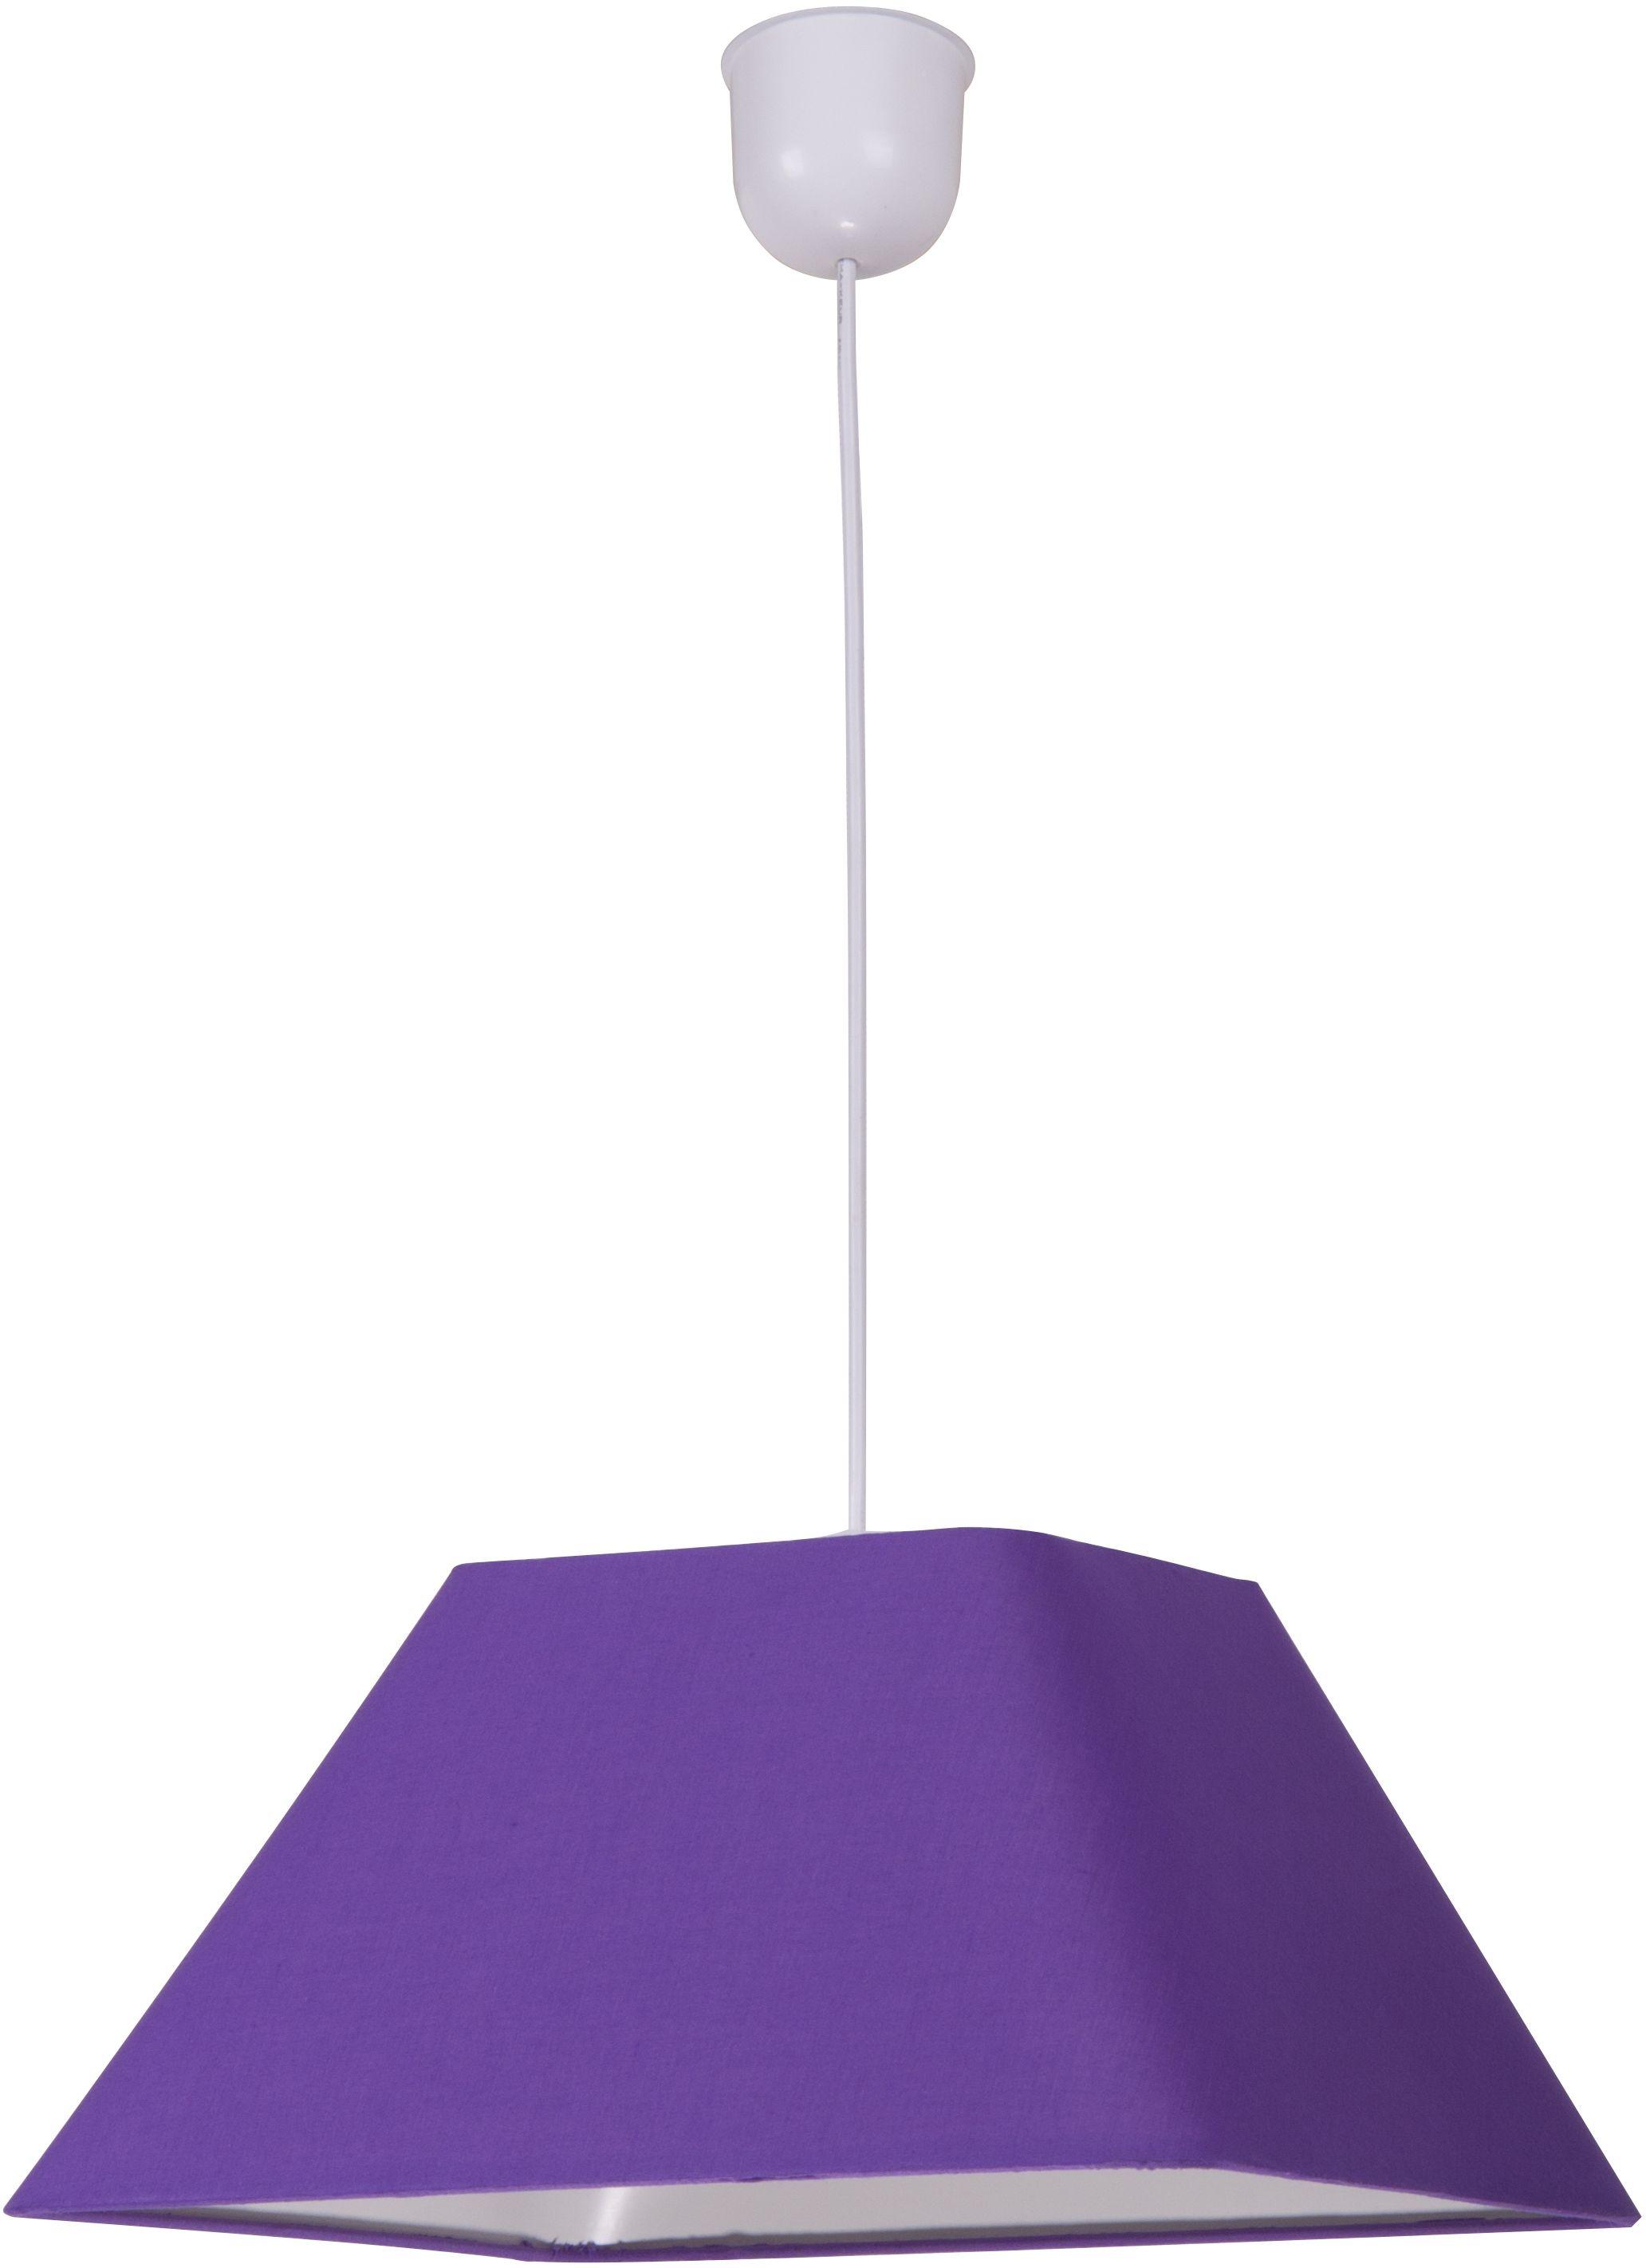 Candellux ROBIN 31-03294 lampa wisząca geometryczny kształt abażura z tkaniny fioletowej 1X60W E27 35 cm